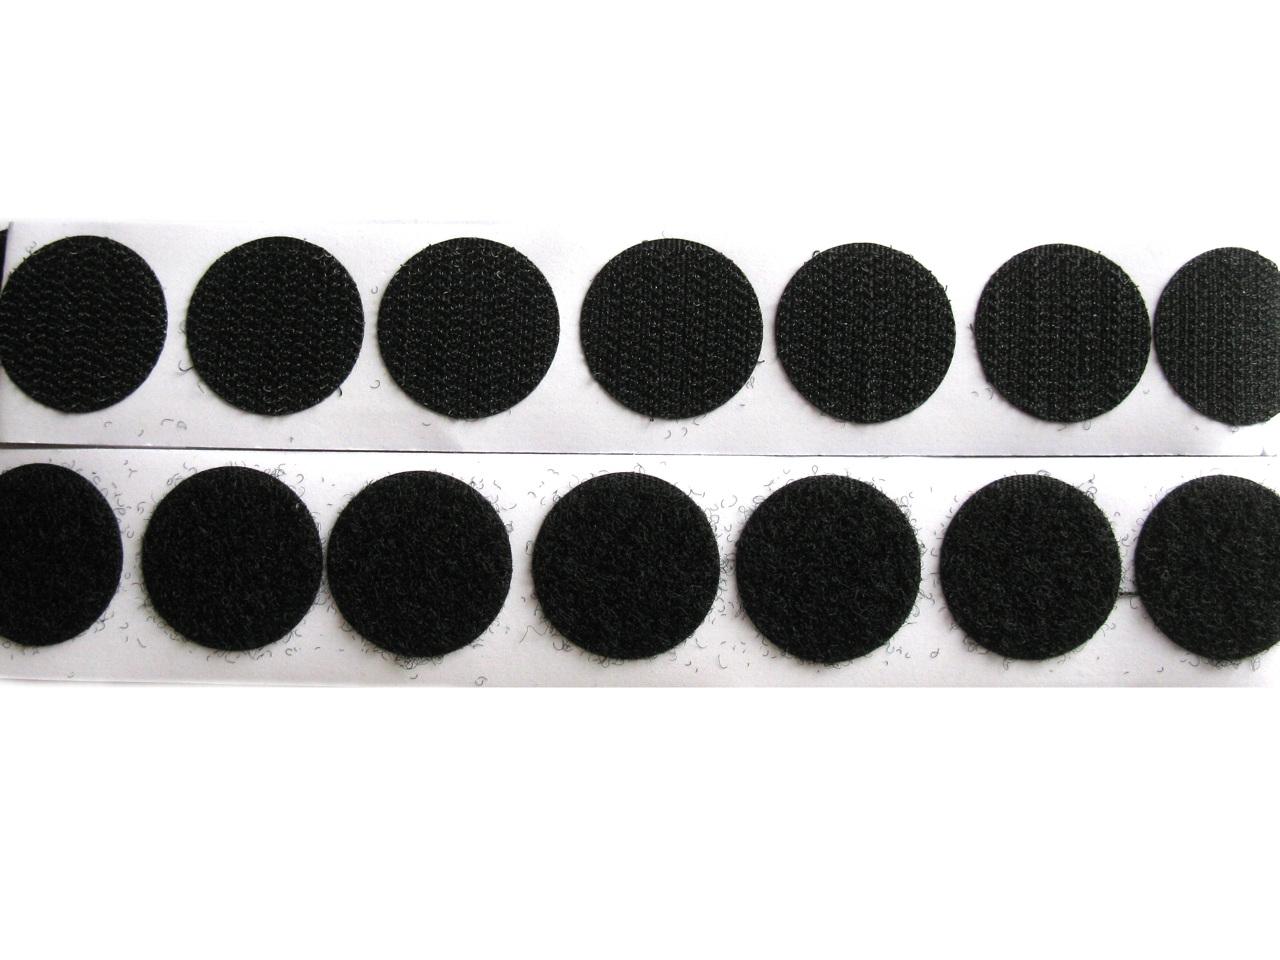 Suchý zip samolepicí - kolečka Ø 25 mm, barva Černá